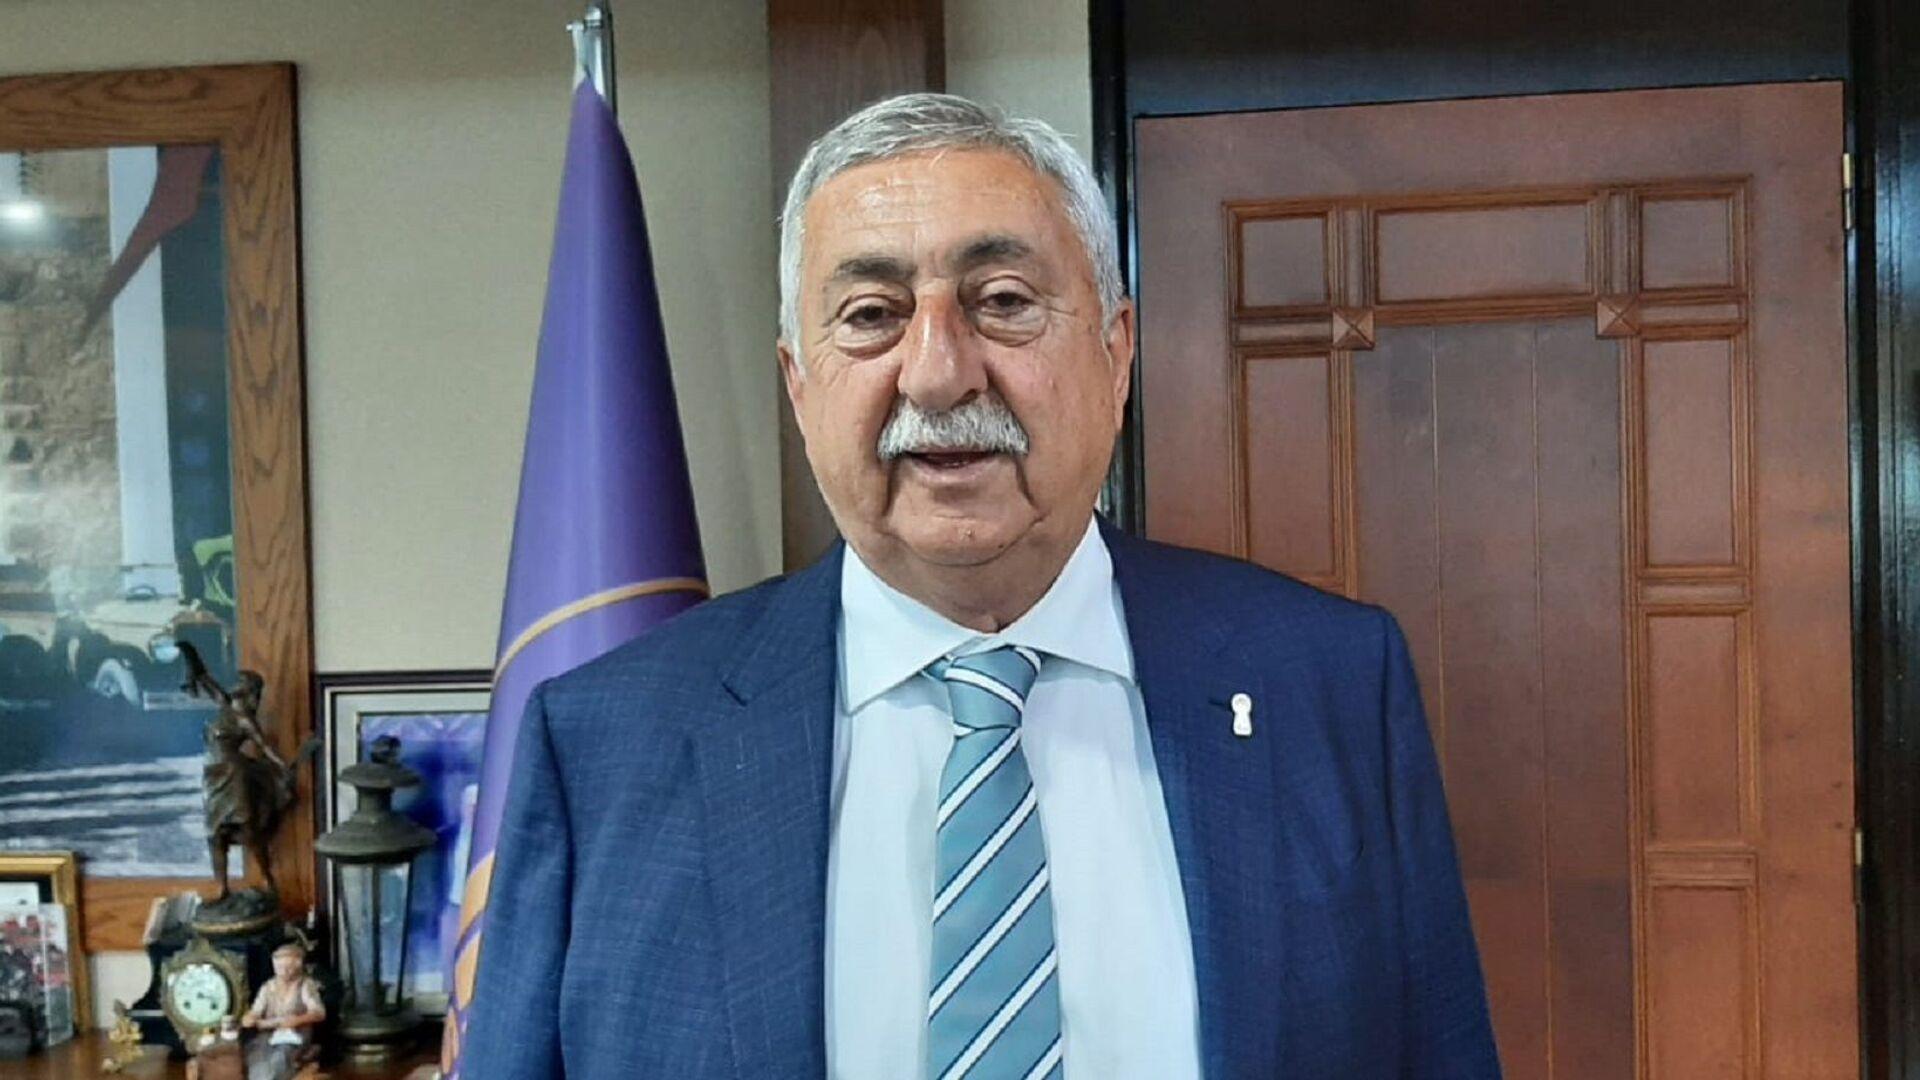 Türkiye Esnaf ve Sanatkarları Konfederasyonu (TESK) Genel Başkanı Bendevi Palandöken - Sputnik Türkiye, 1920, 28.07.2021